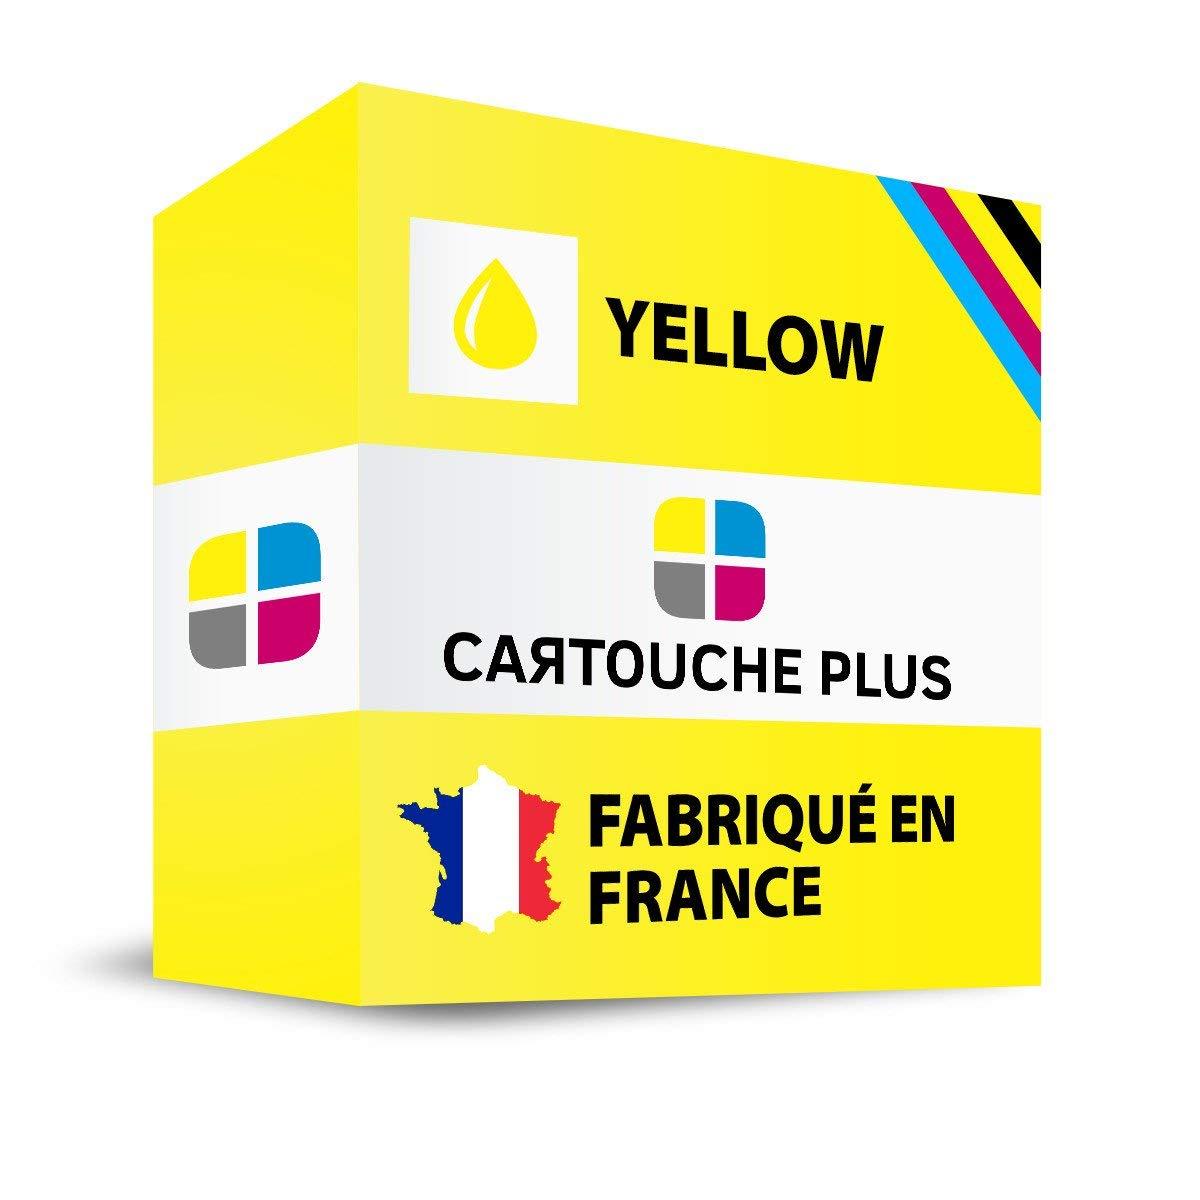 Cartucho Plus – – – Tóner Compatible para HP 953/953 x l/957 x l/f6u18ae Amarillo – Fabricado en Francia 6ac56a